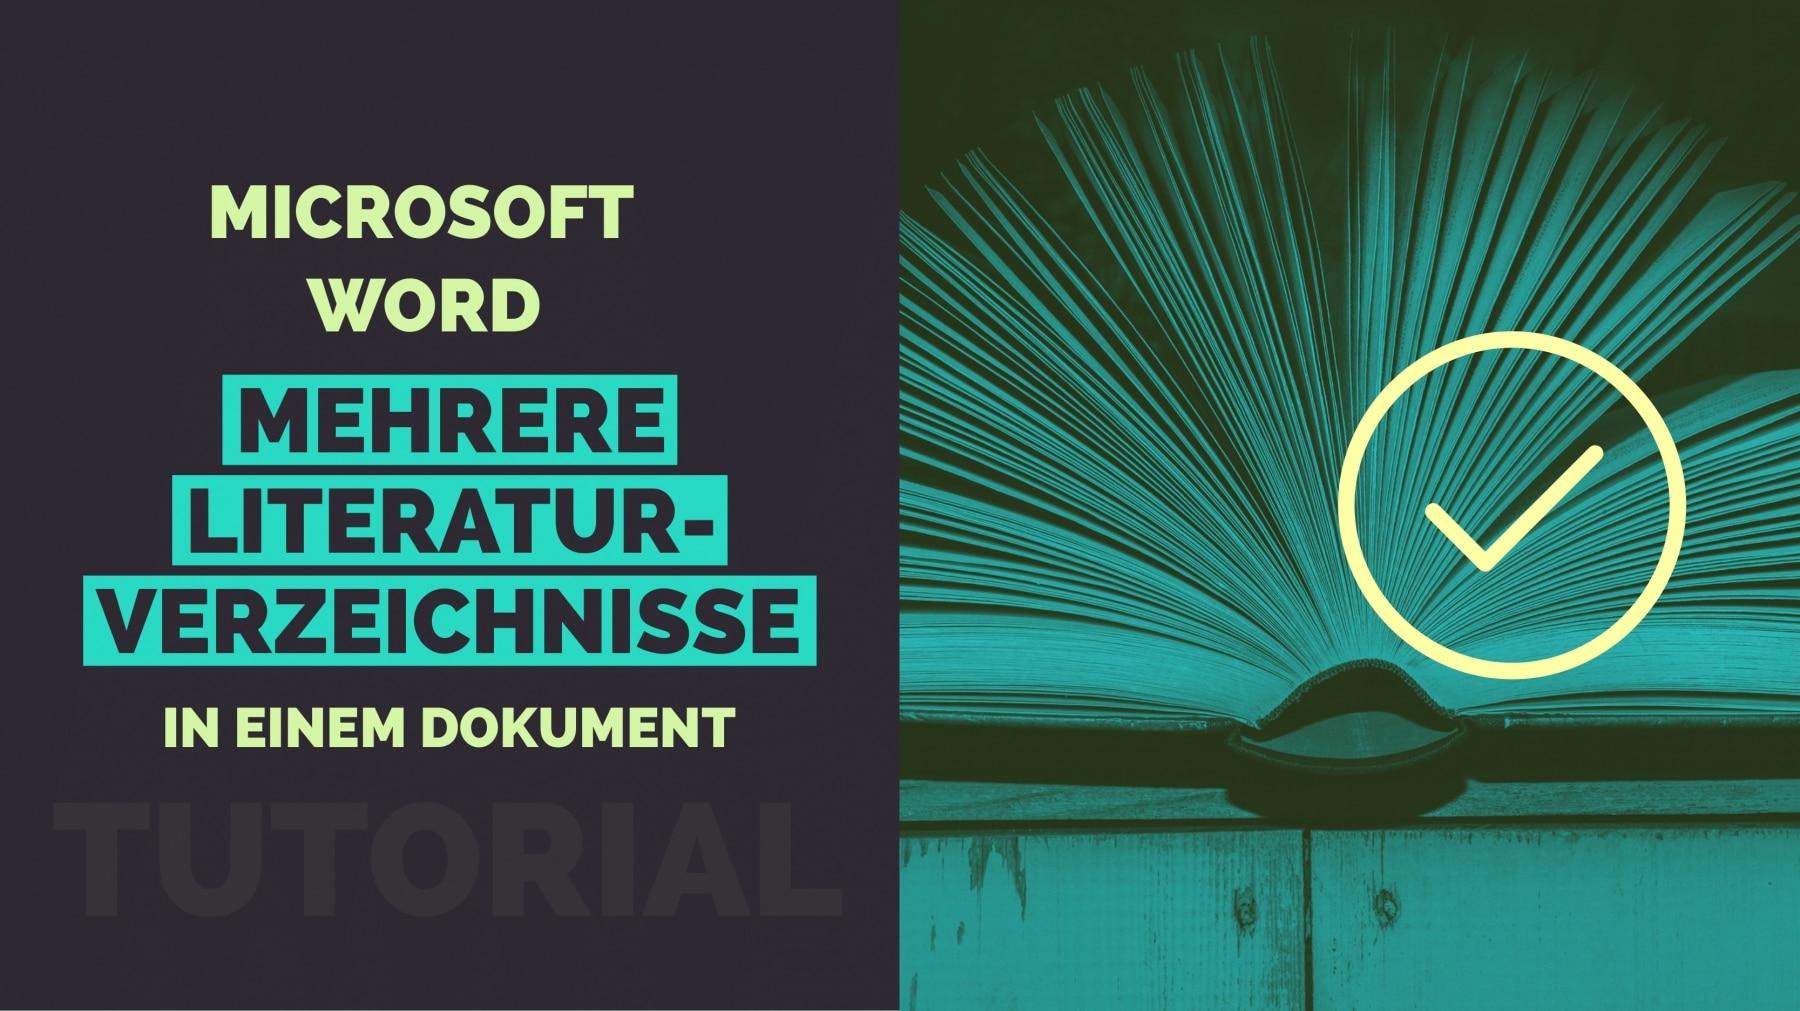 Microsoft Word Mehrere Literaturverzeichnisse Titelbild